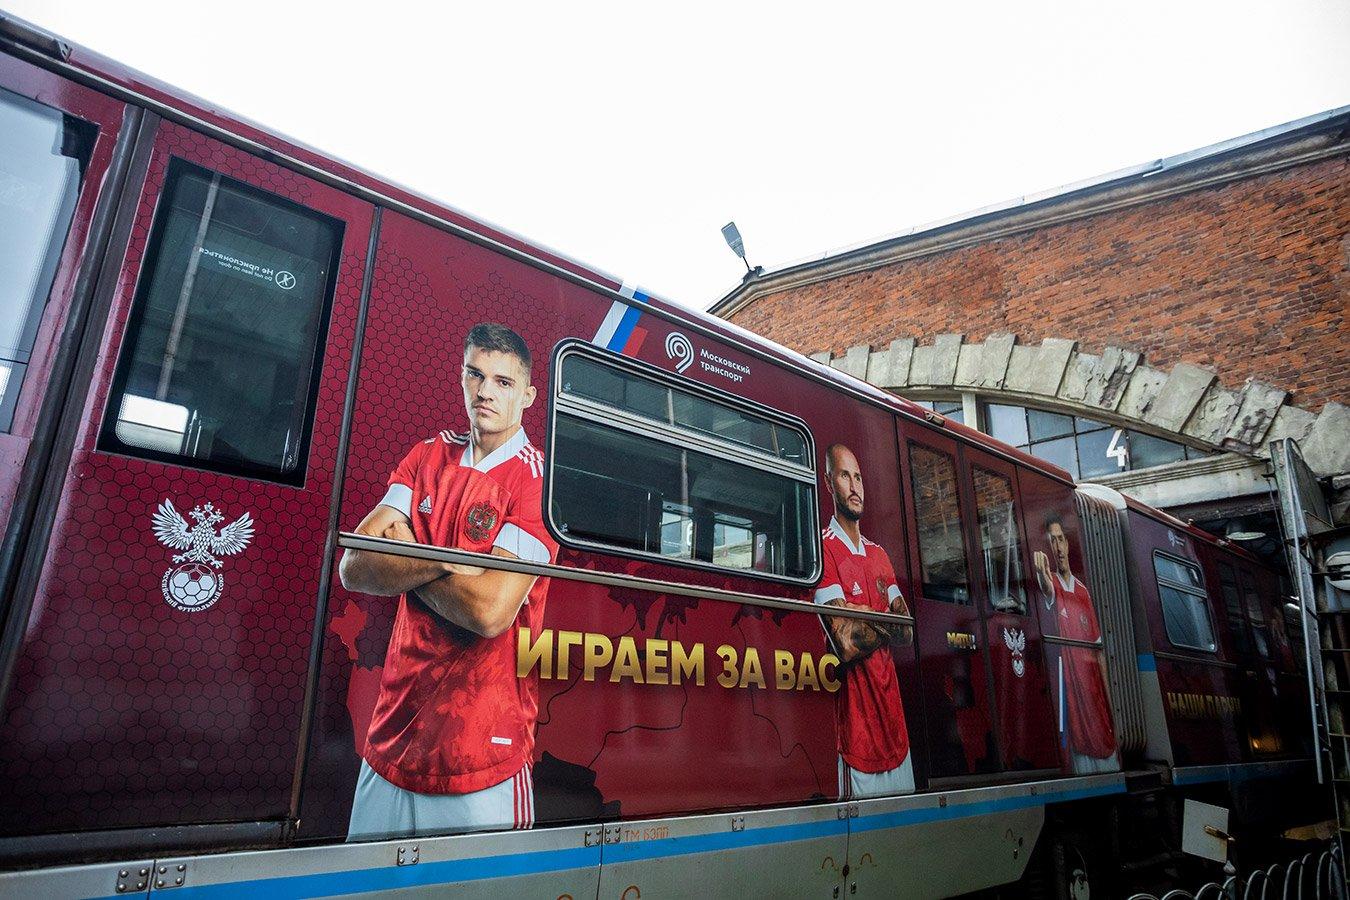 В метро запустили поезд с портретами и лозунгом игроков сборной России. Лучшие фото